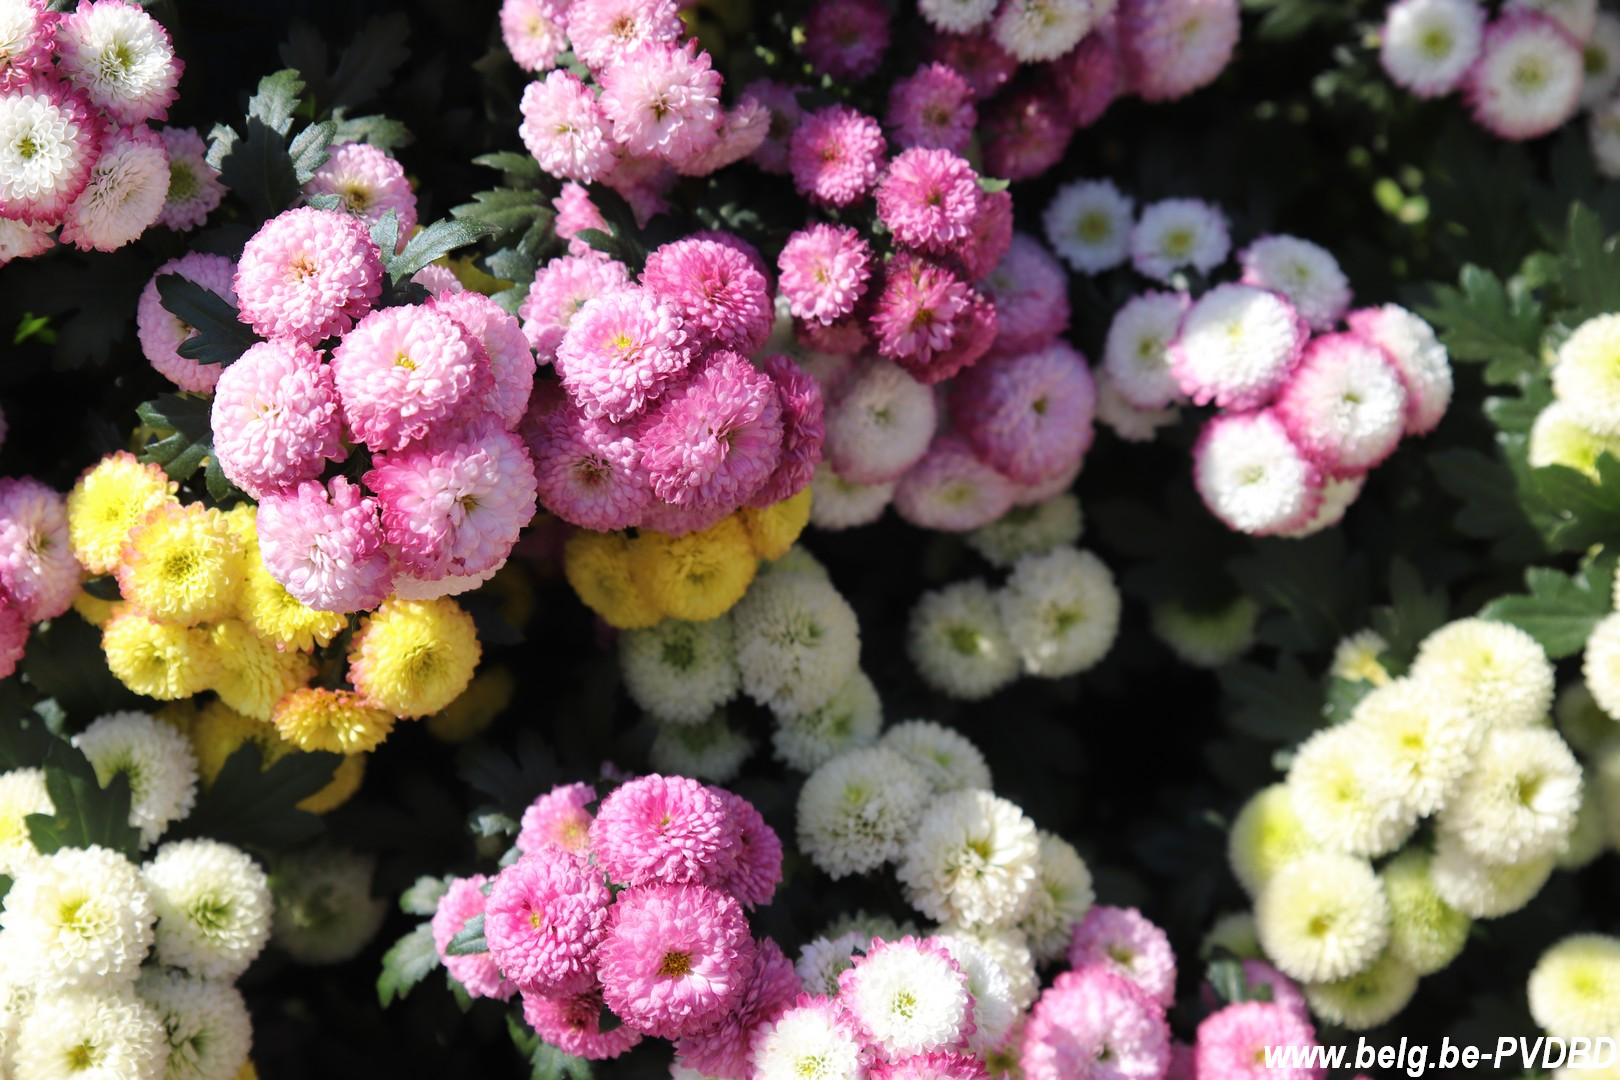 Kasteeldomein Groot-Bijgaarden opnieuw decor voor bloemenpracht - IMG 0779